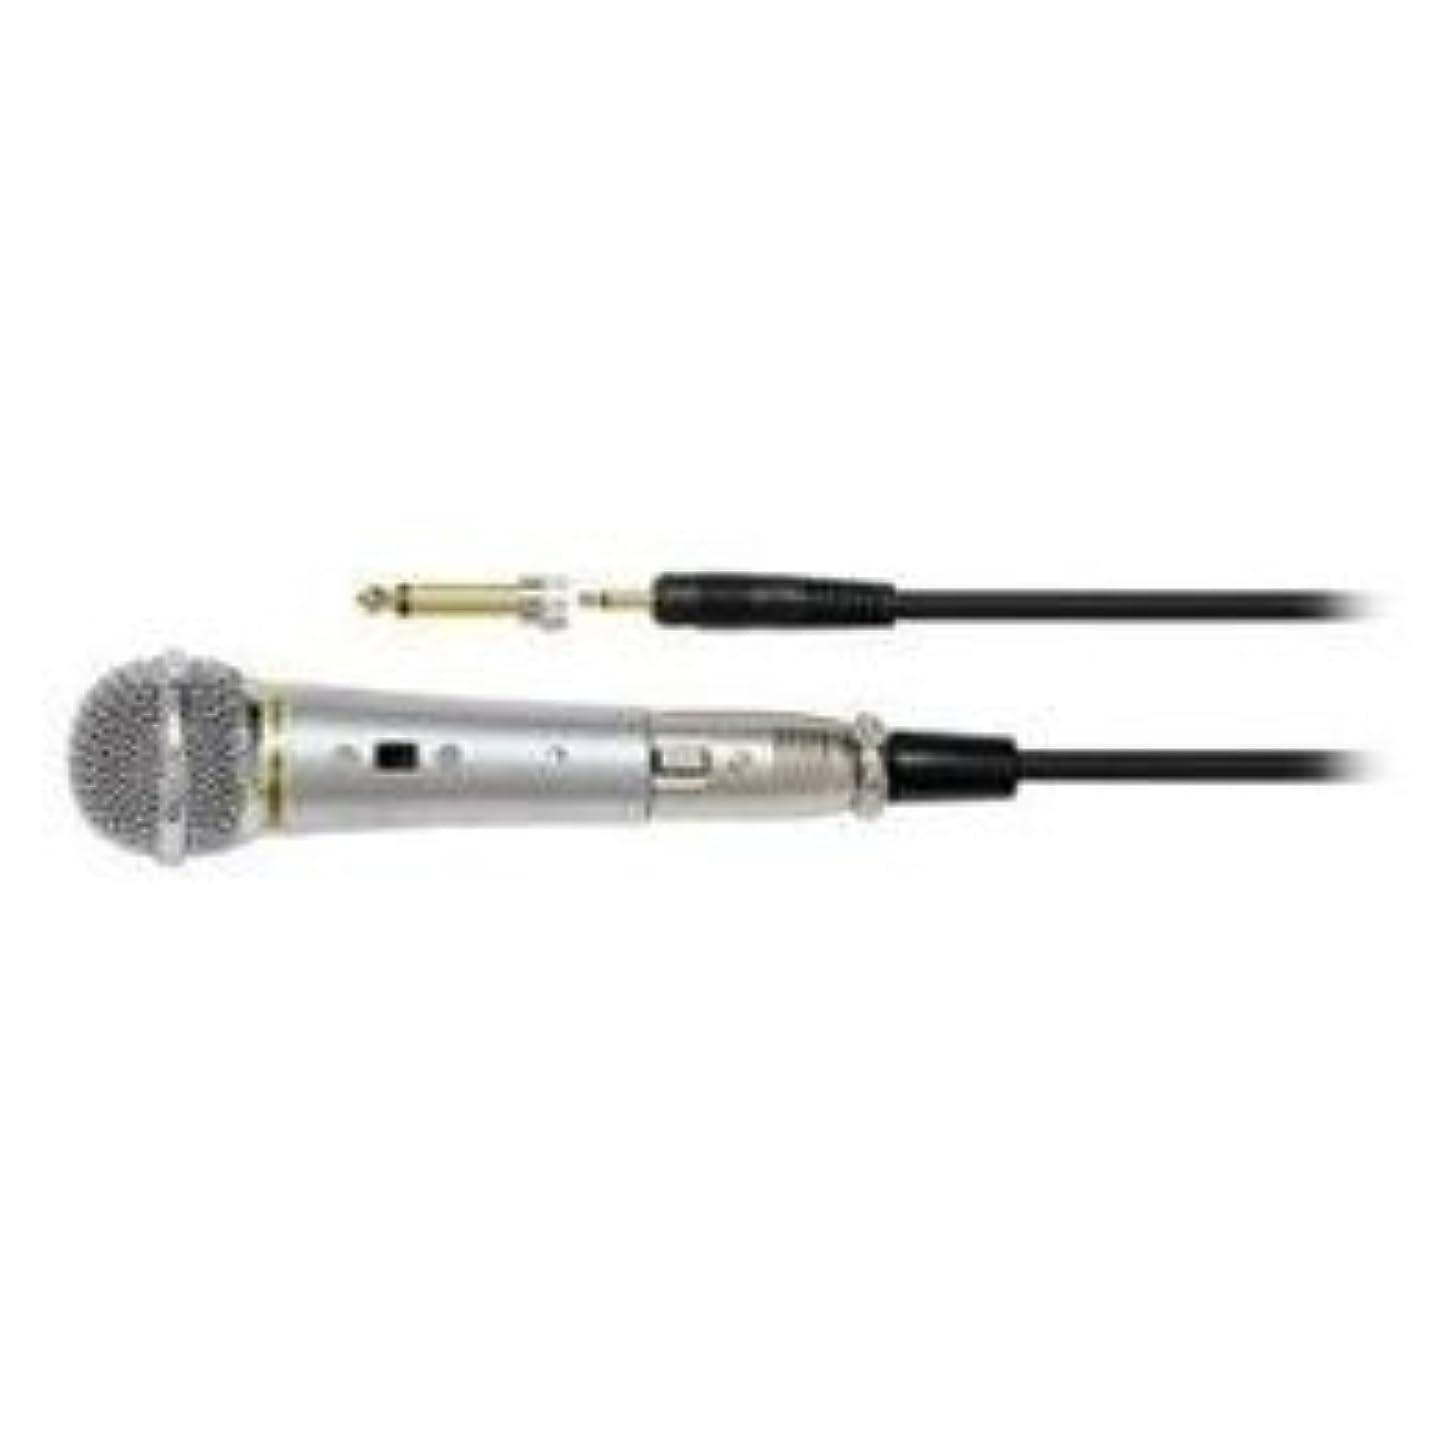 検体僕のチャレンジAudio-Technica オーディオテクニカ オーディオテクニカ マイクロホン AT-X3 ATX3 Audio-Technica